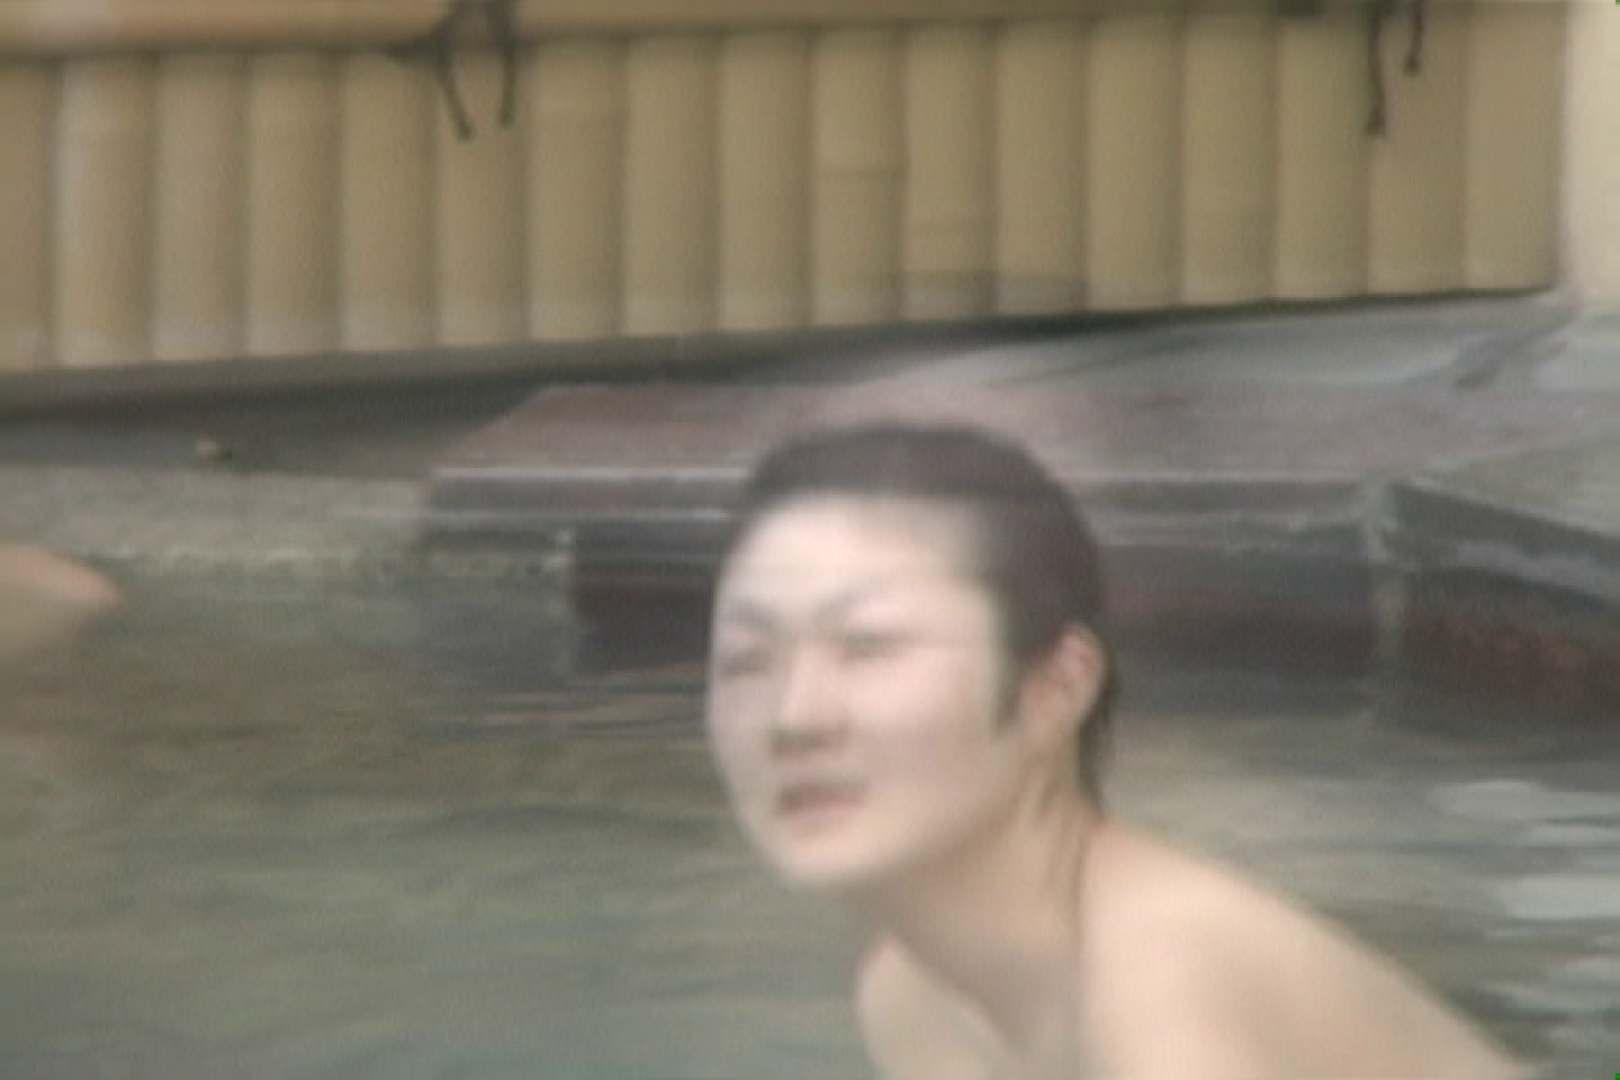 高画質露天女風呂観察 vol.009 入浴 盗撮セックス無修正動画無料 77PICs 74